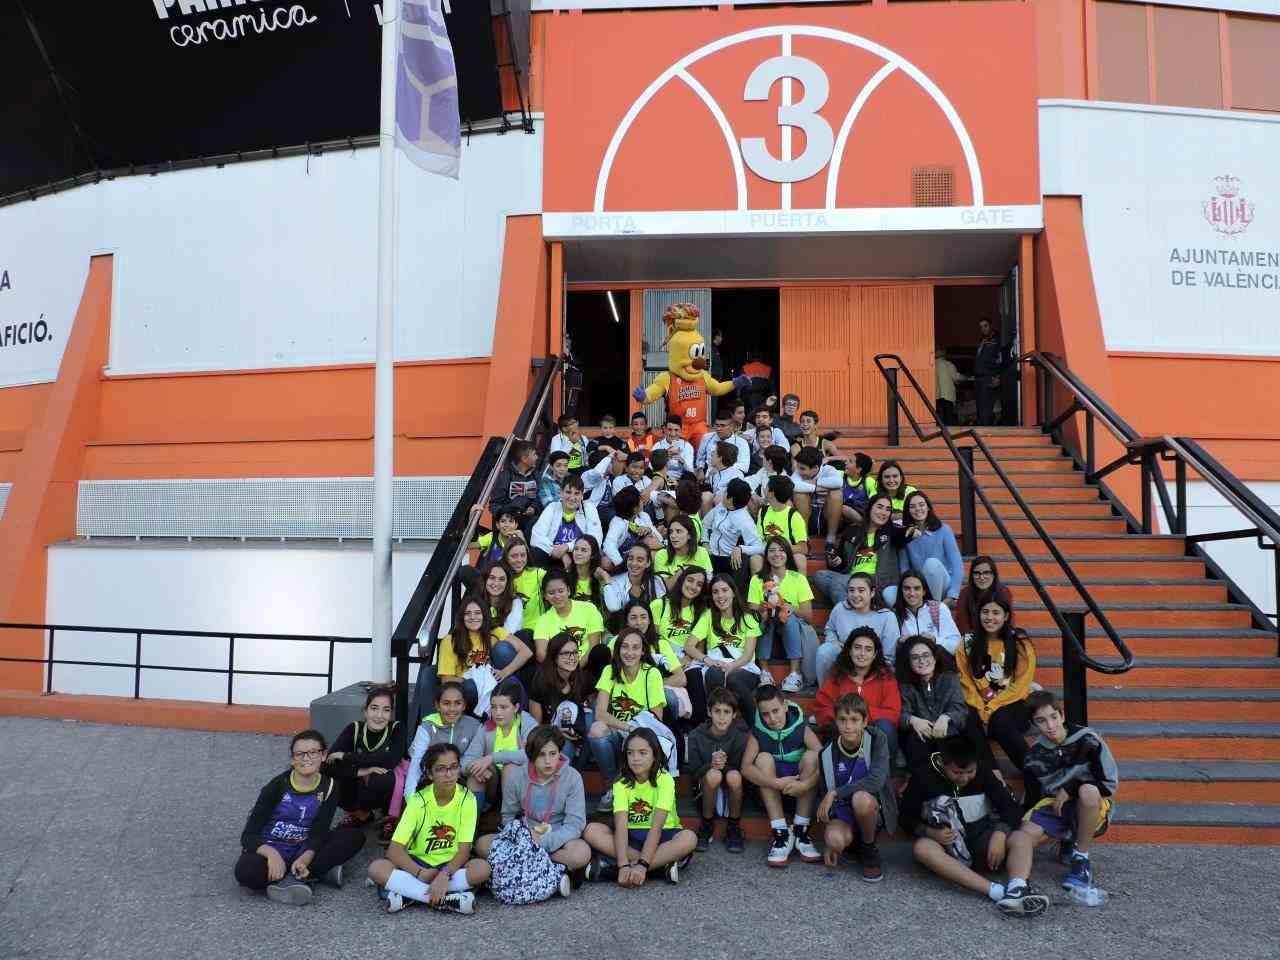 Jugadores y familiares del CB Teixereta visitan el pabellón Fuente de San Luis de Valencia (La Fonteta)